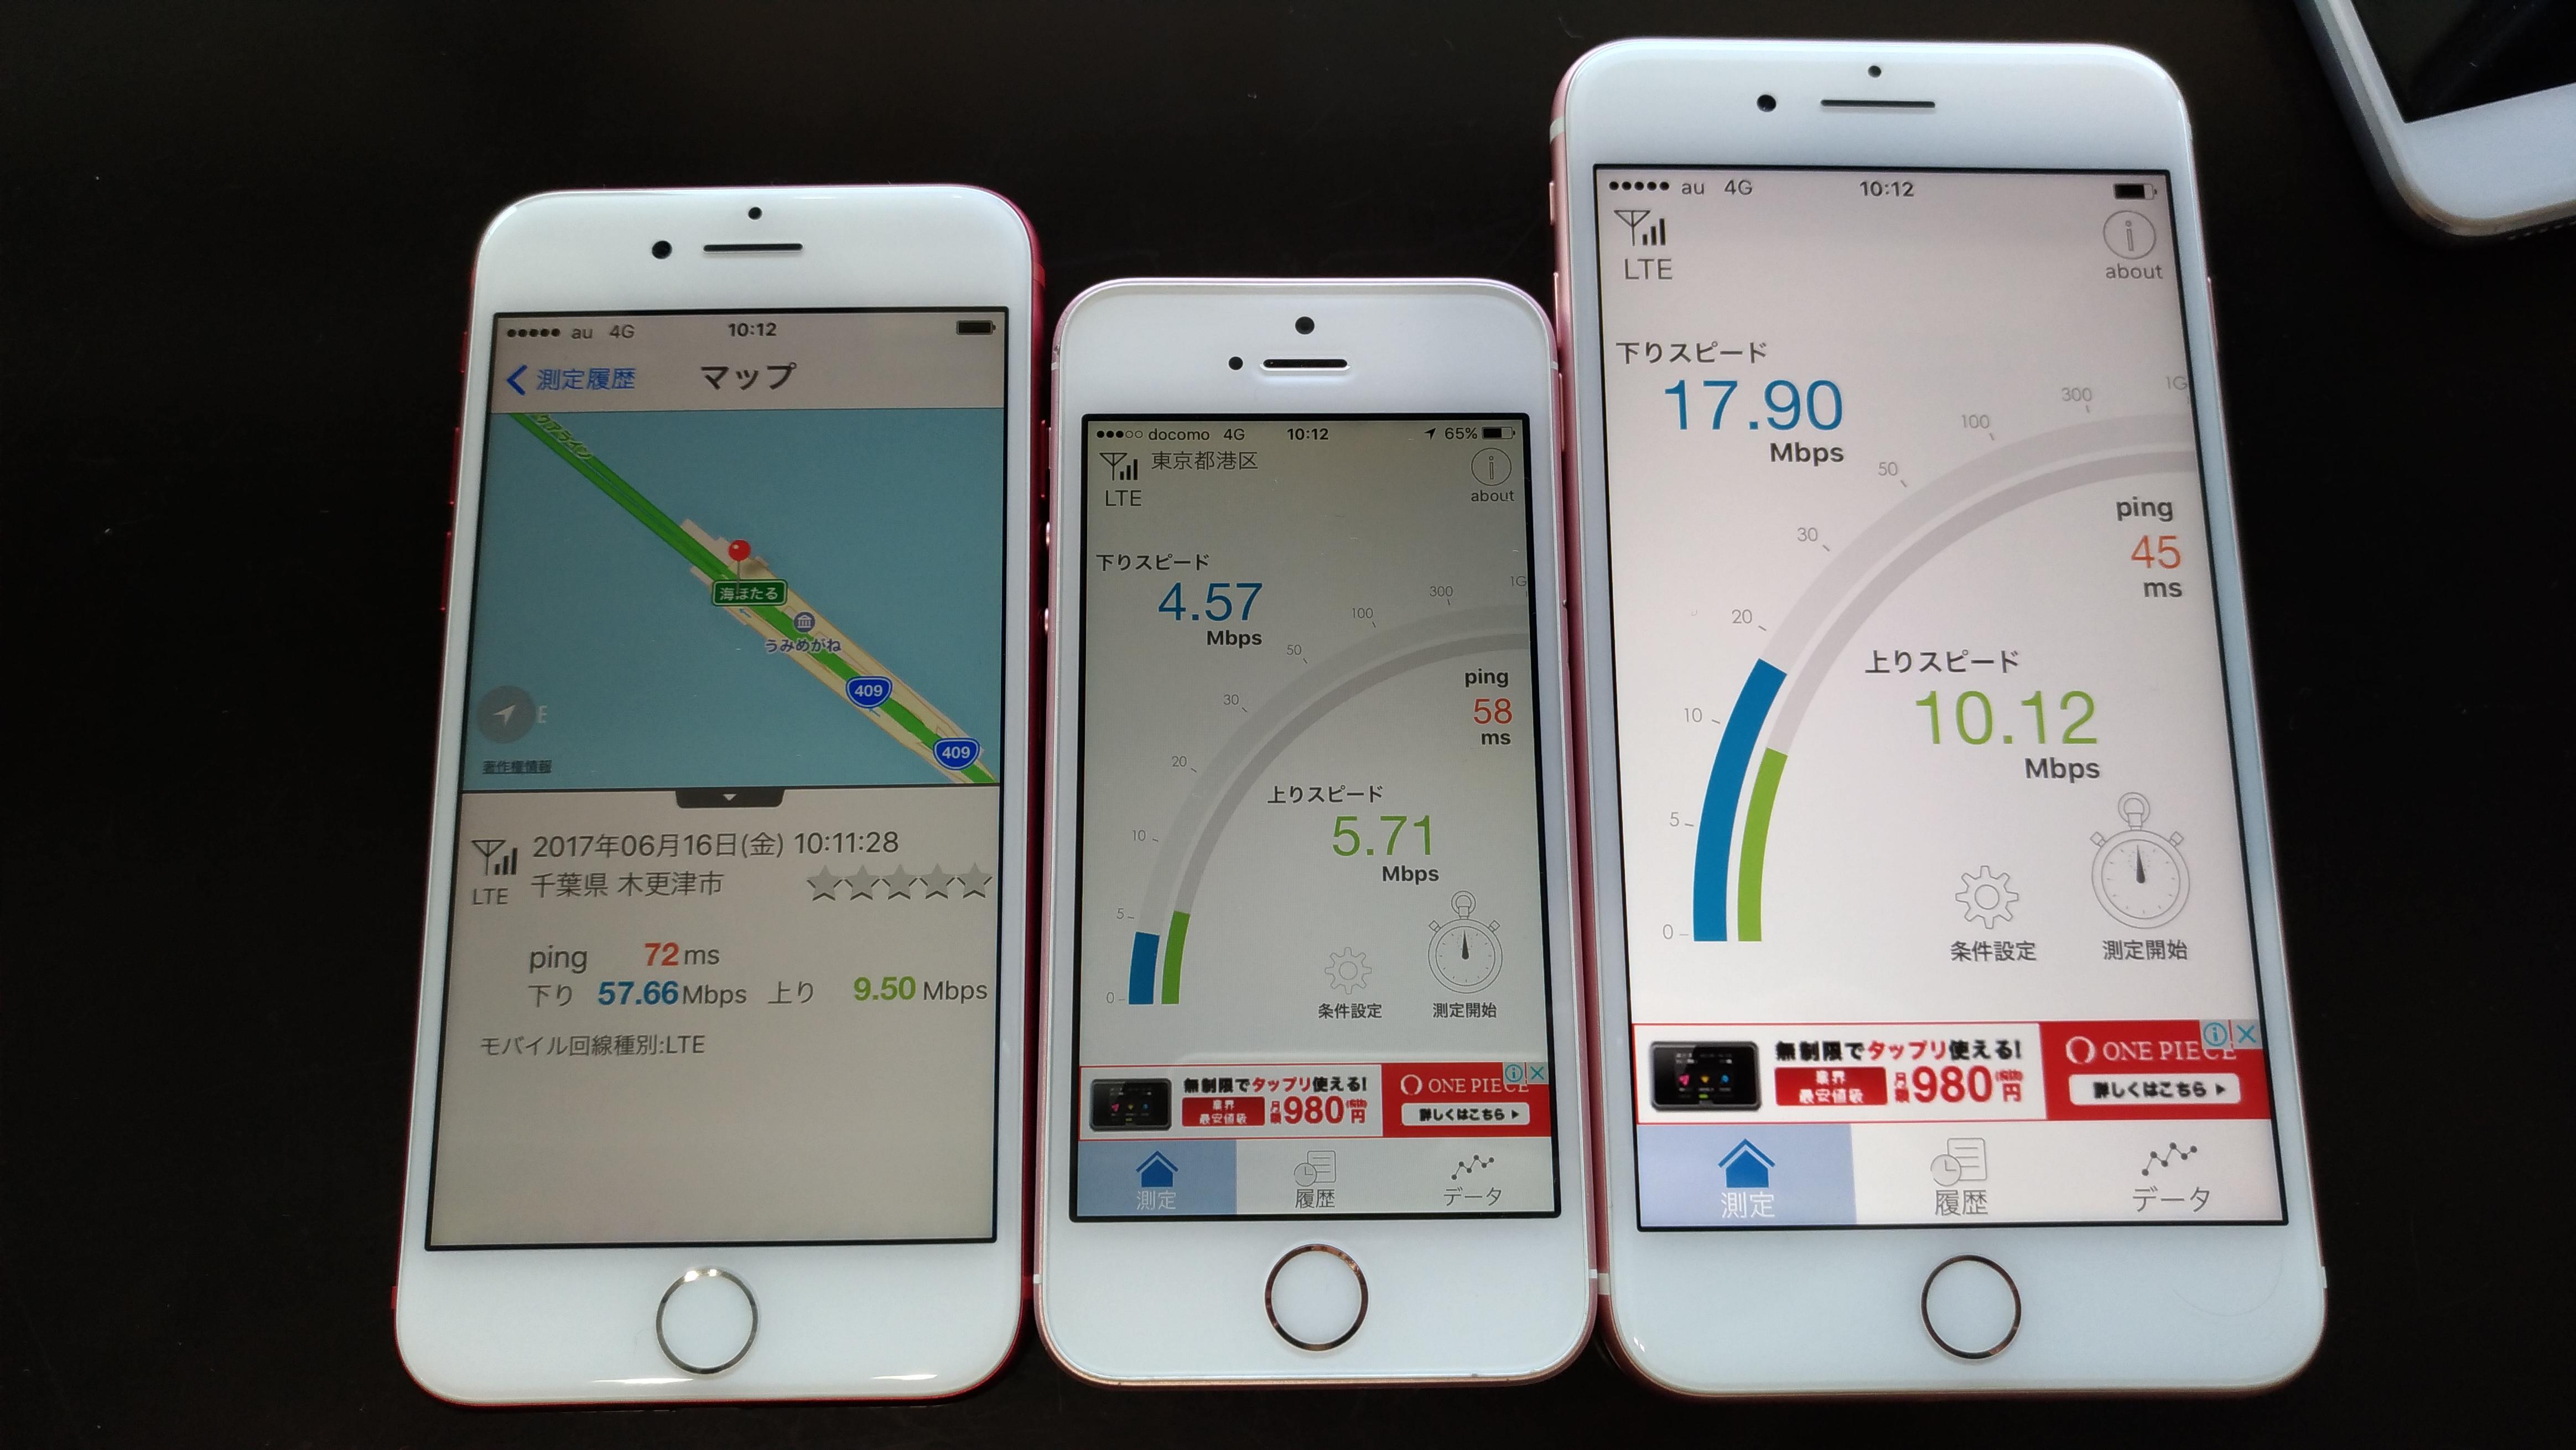 東京湾の「海ほたる」にて通信速度を計測